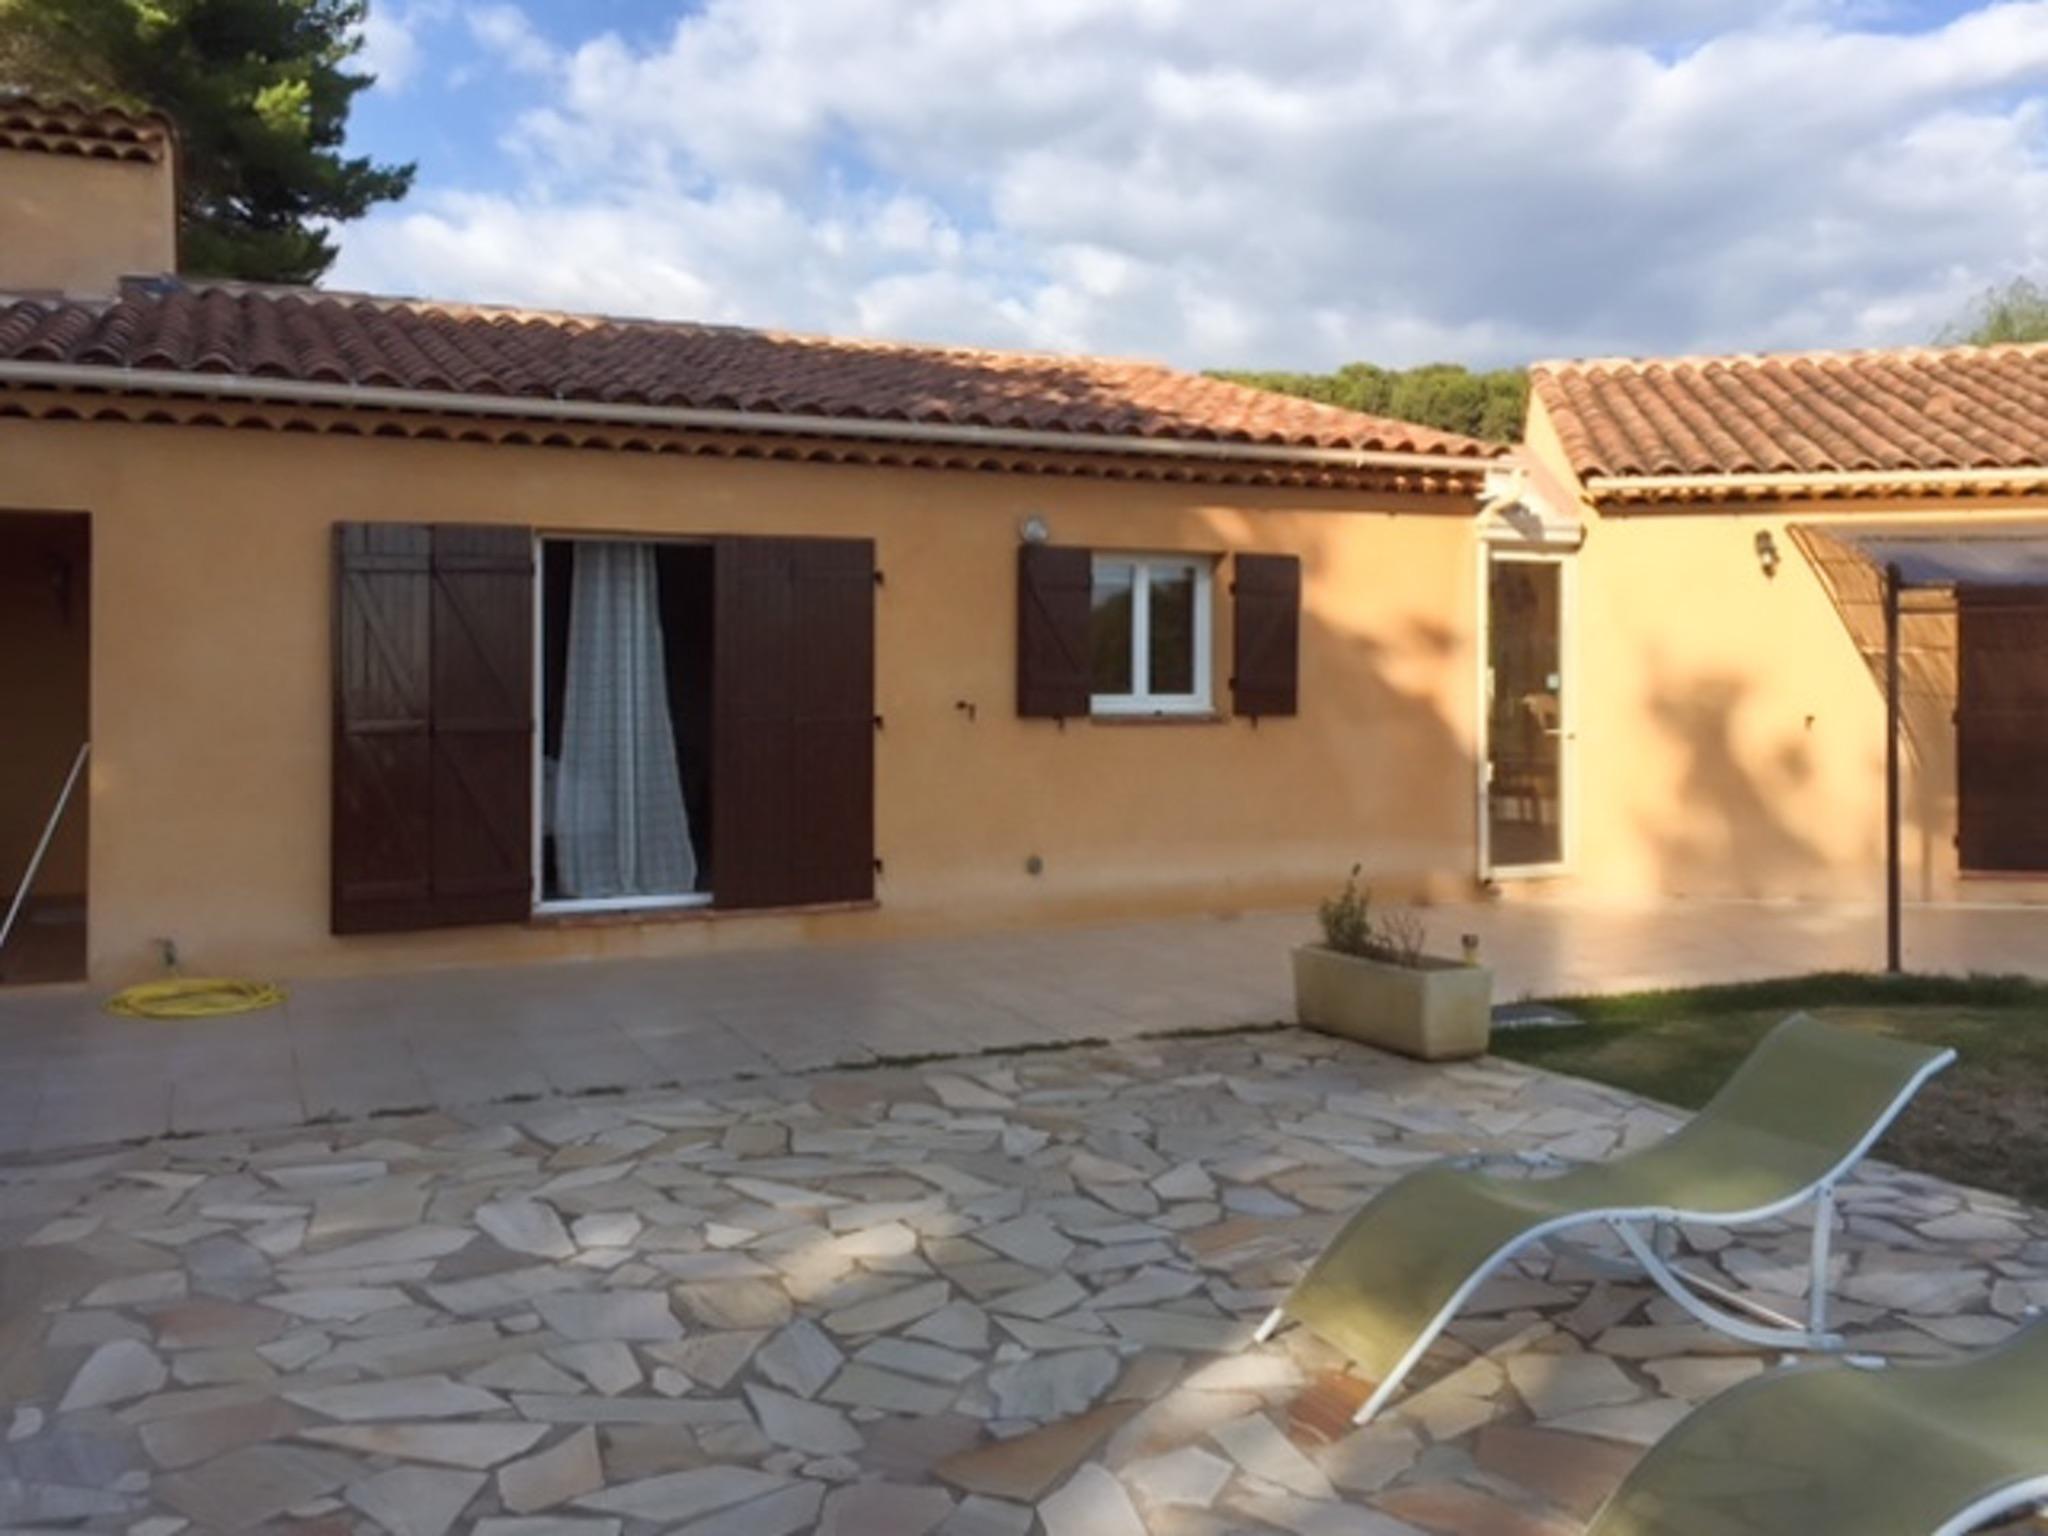 Ferienhaus Haus mit drei Schlafzimmern, Pool, Garten und Terrasse in der Luberon (2201928), Pertuis, Vaucluse, Provence - Alpen - Côte d'Azur, Frankreich, Bild 26